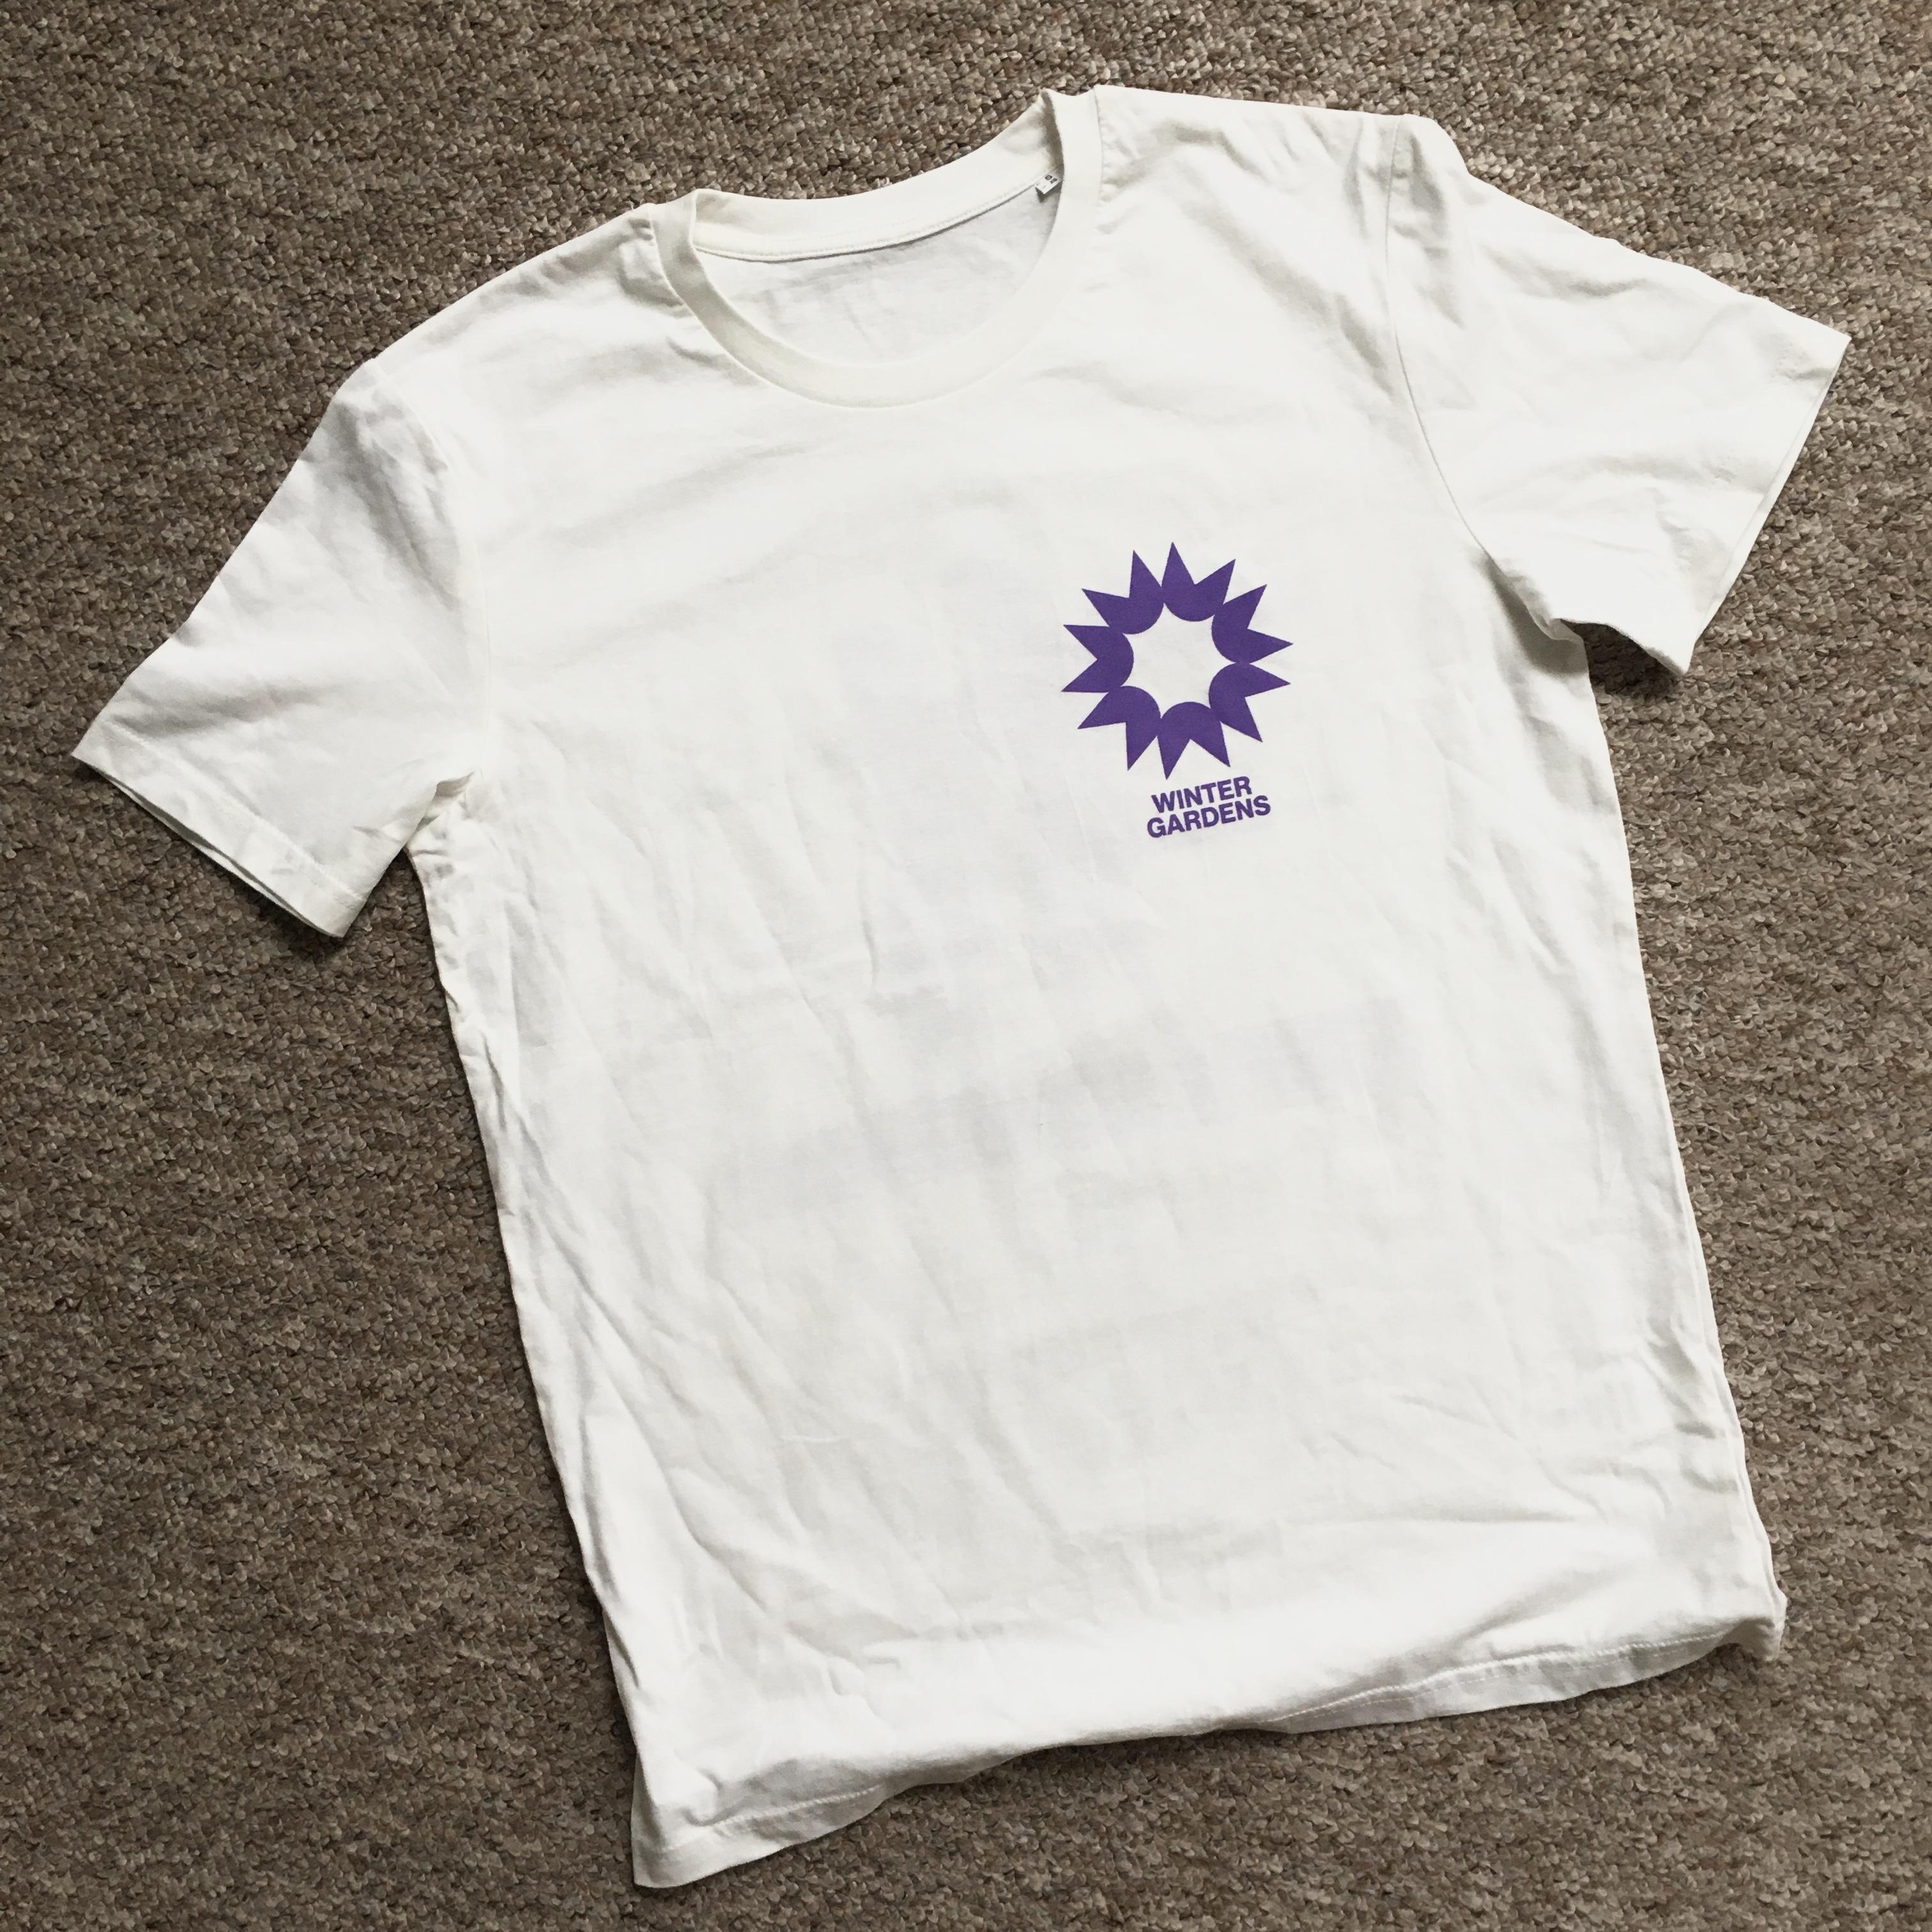 Winter Gardens Premium 'Tapestry' Shirt